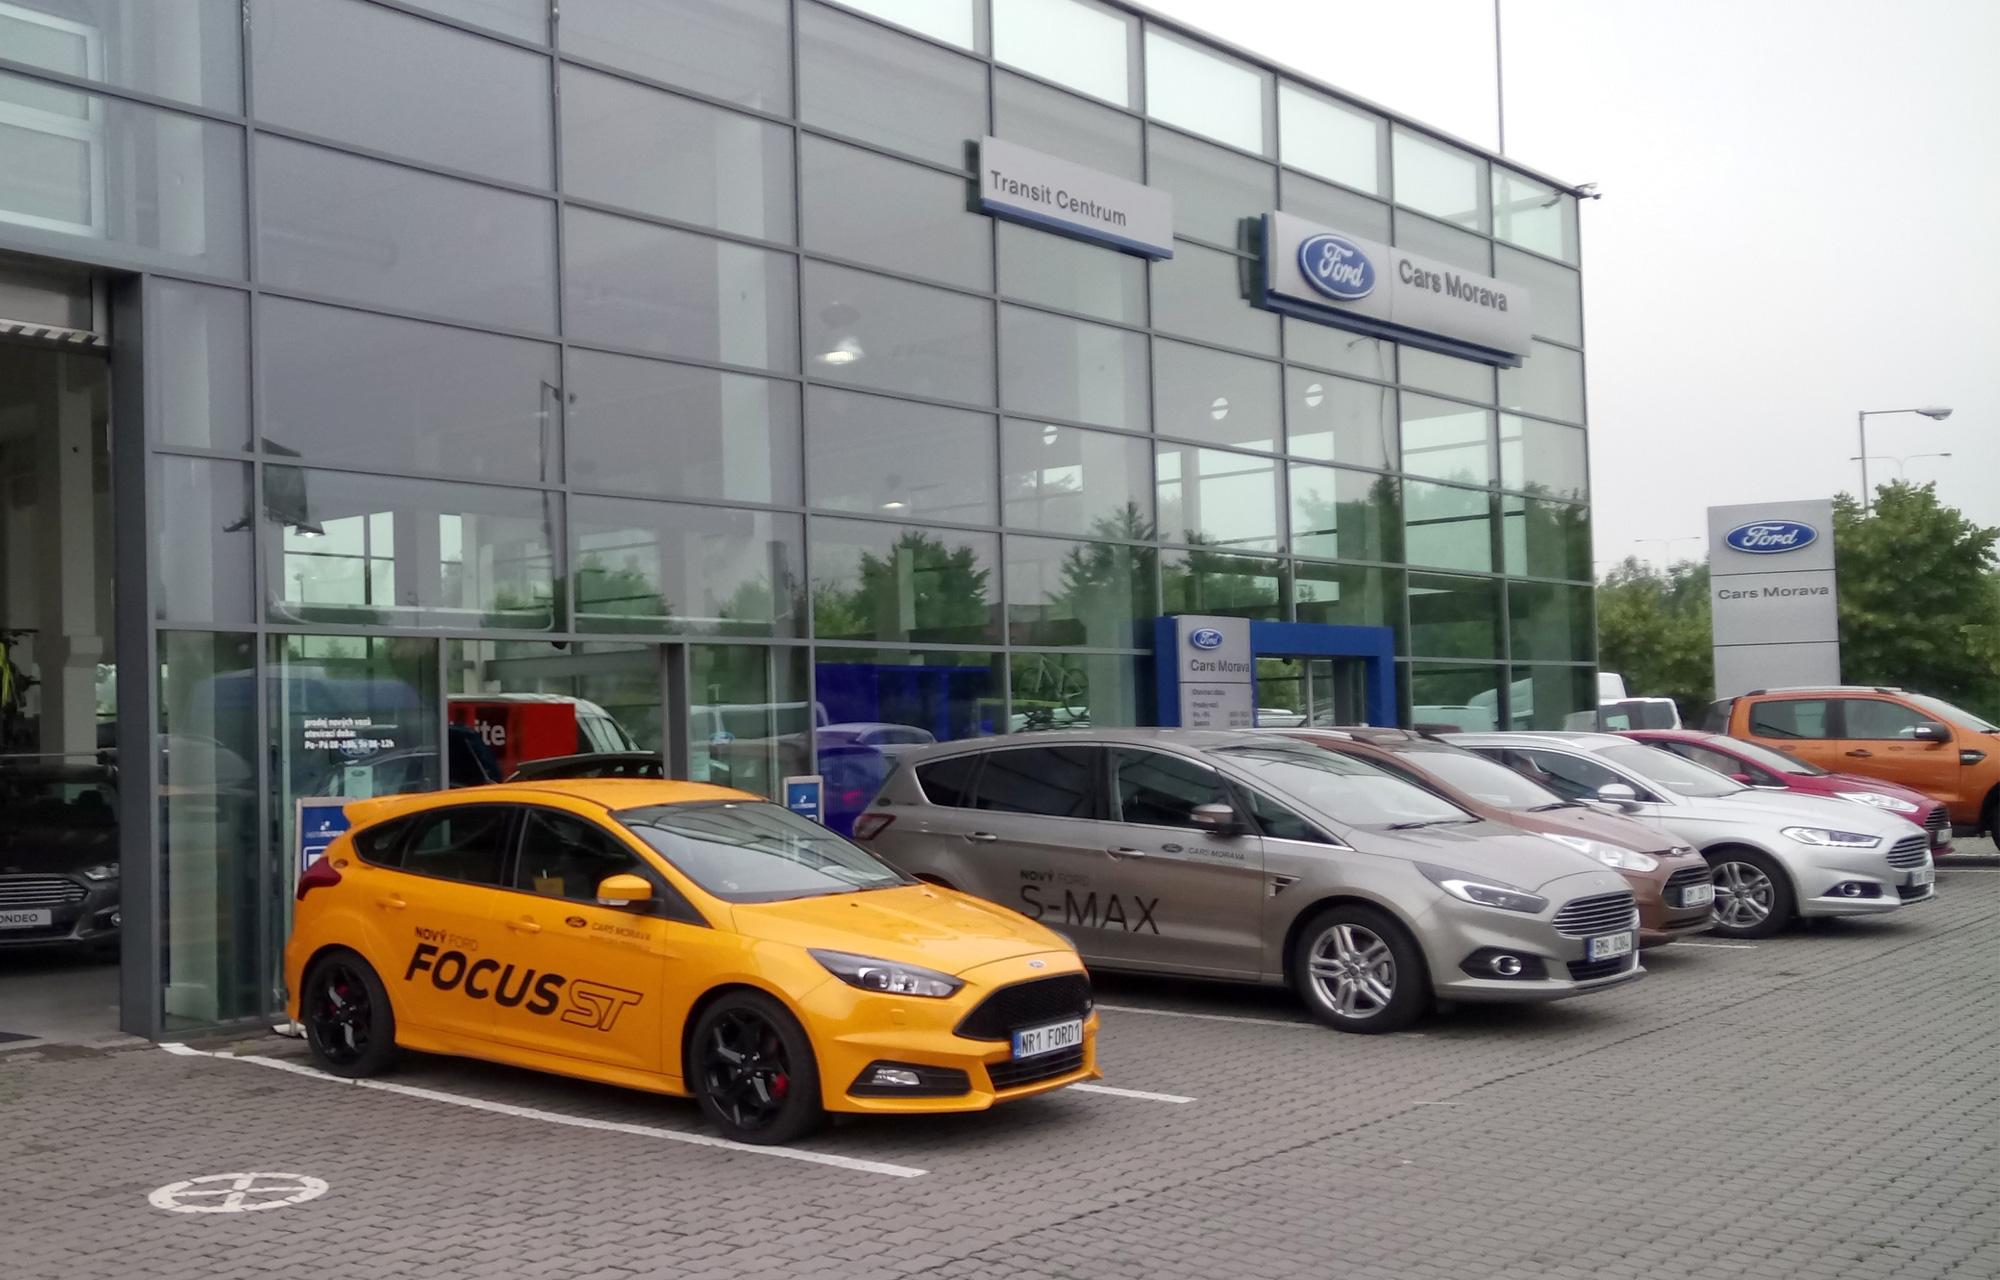 CARS MORAVA - autorizovaný partner Ford v Olomouci